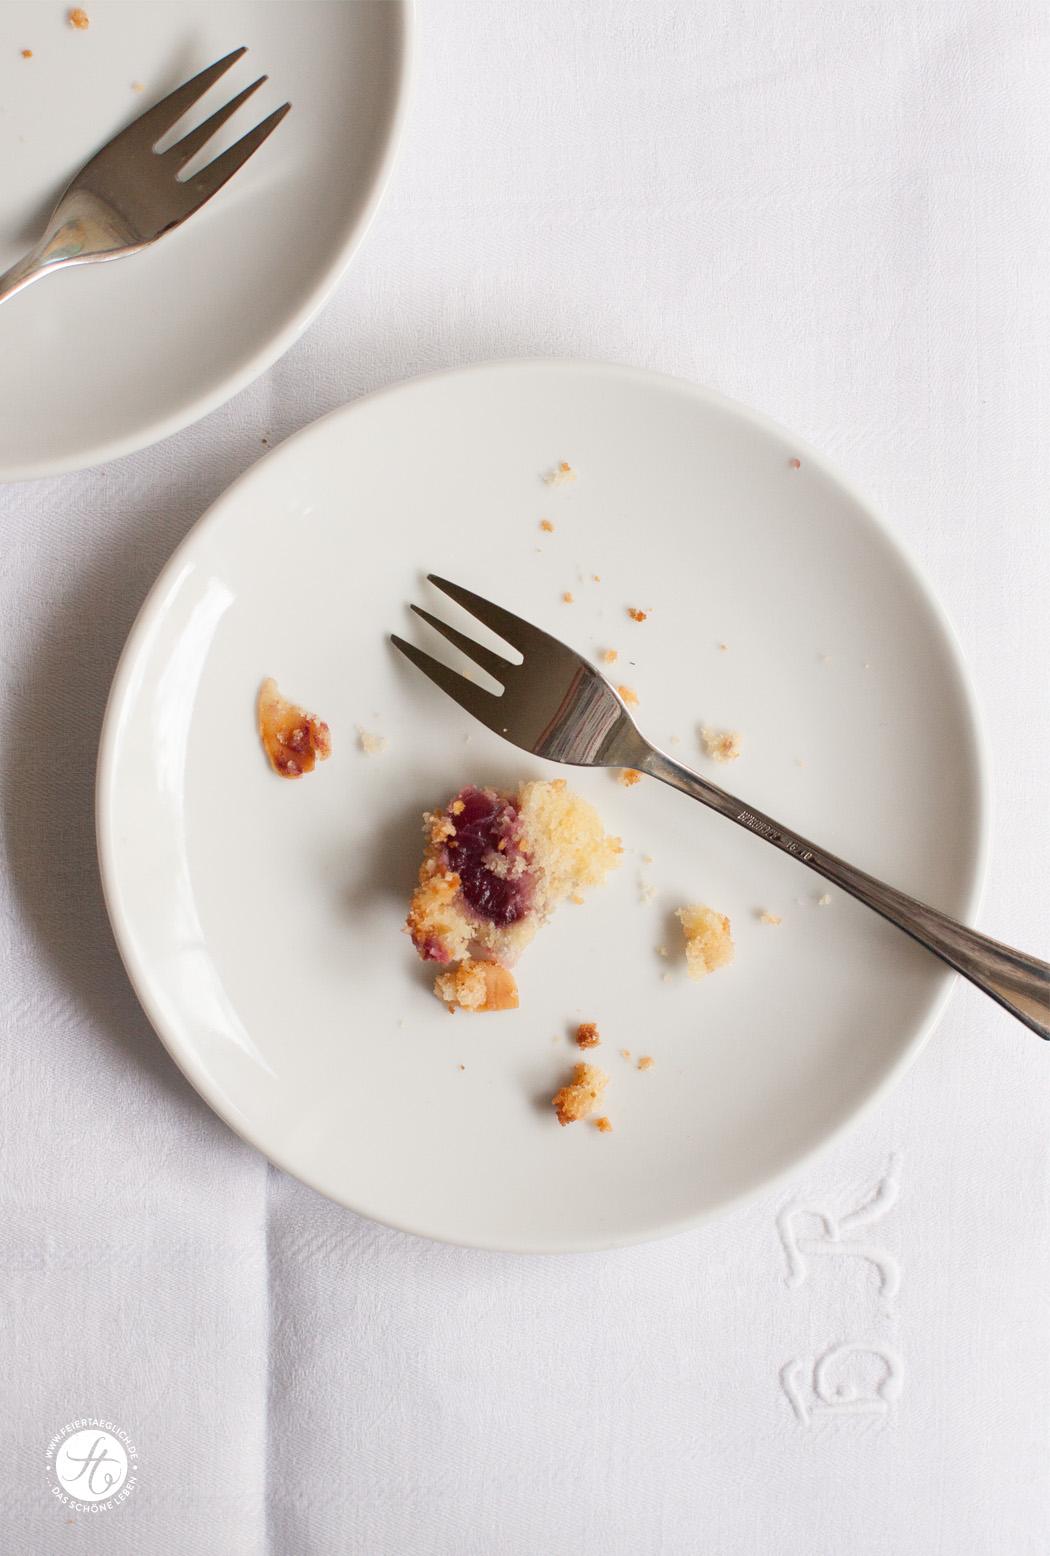 Kirsch-Buttermilch-Kuchen mit knuspriger Mandelkruste | Rezept von feiertaeglich.de #feiertaeglich #kirschen #ichbacksmir